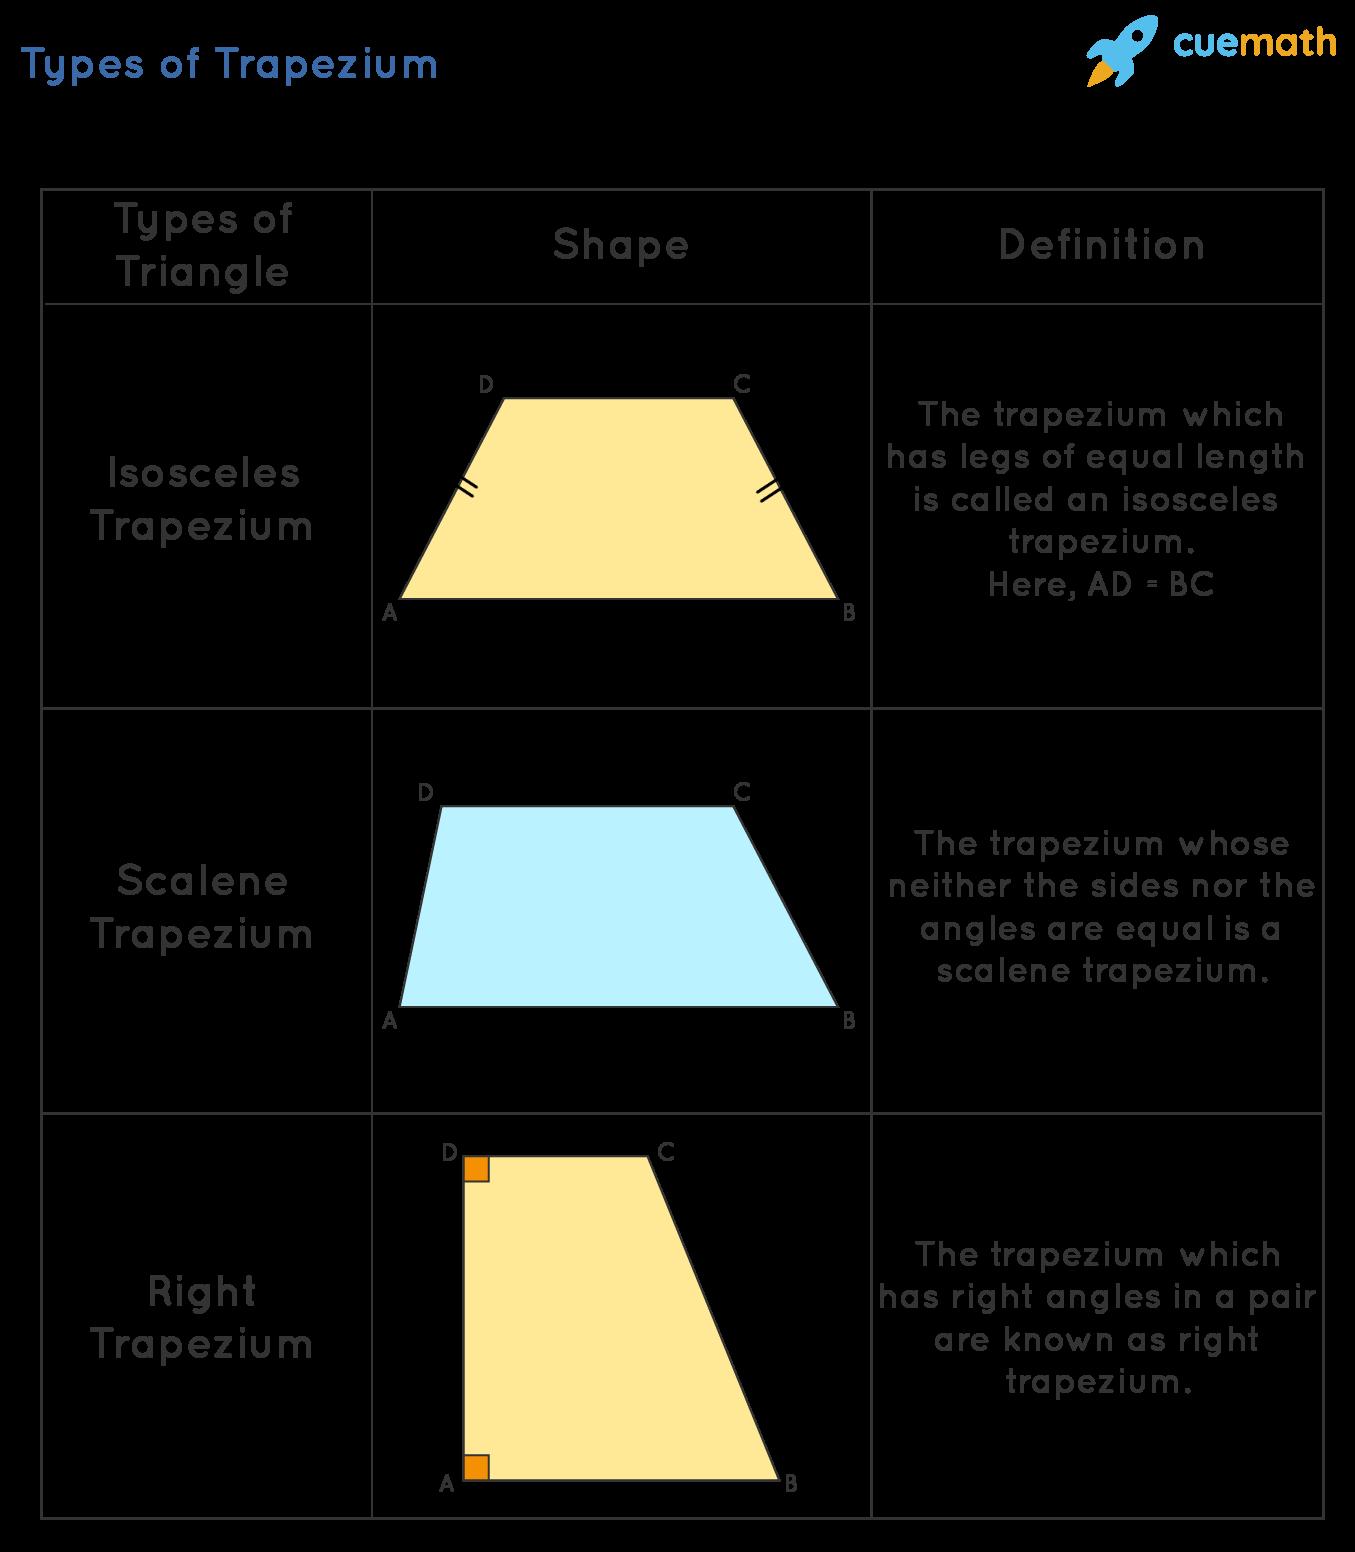 Types of Trapezium